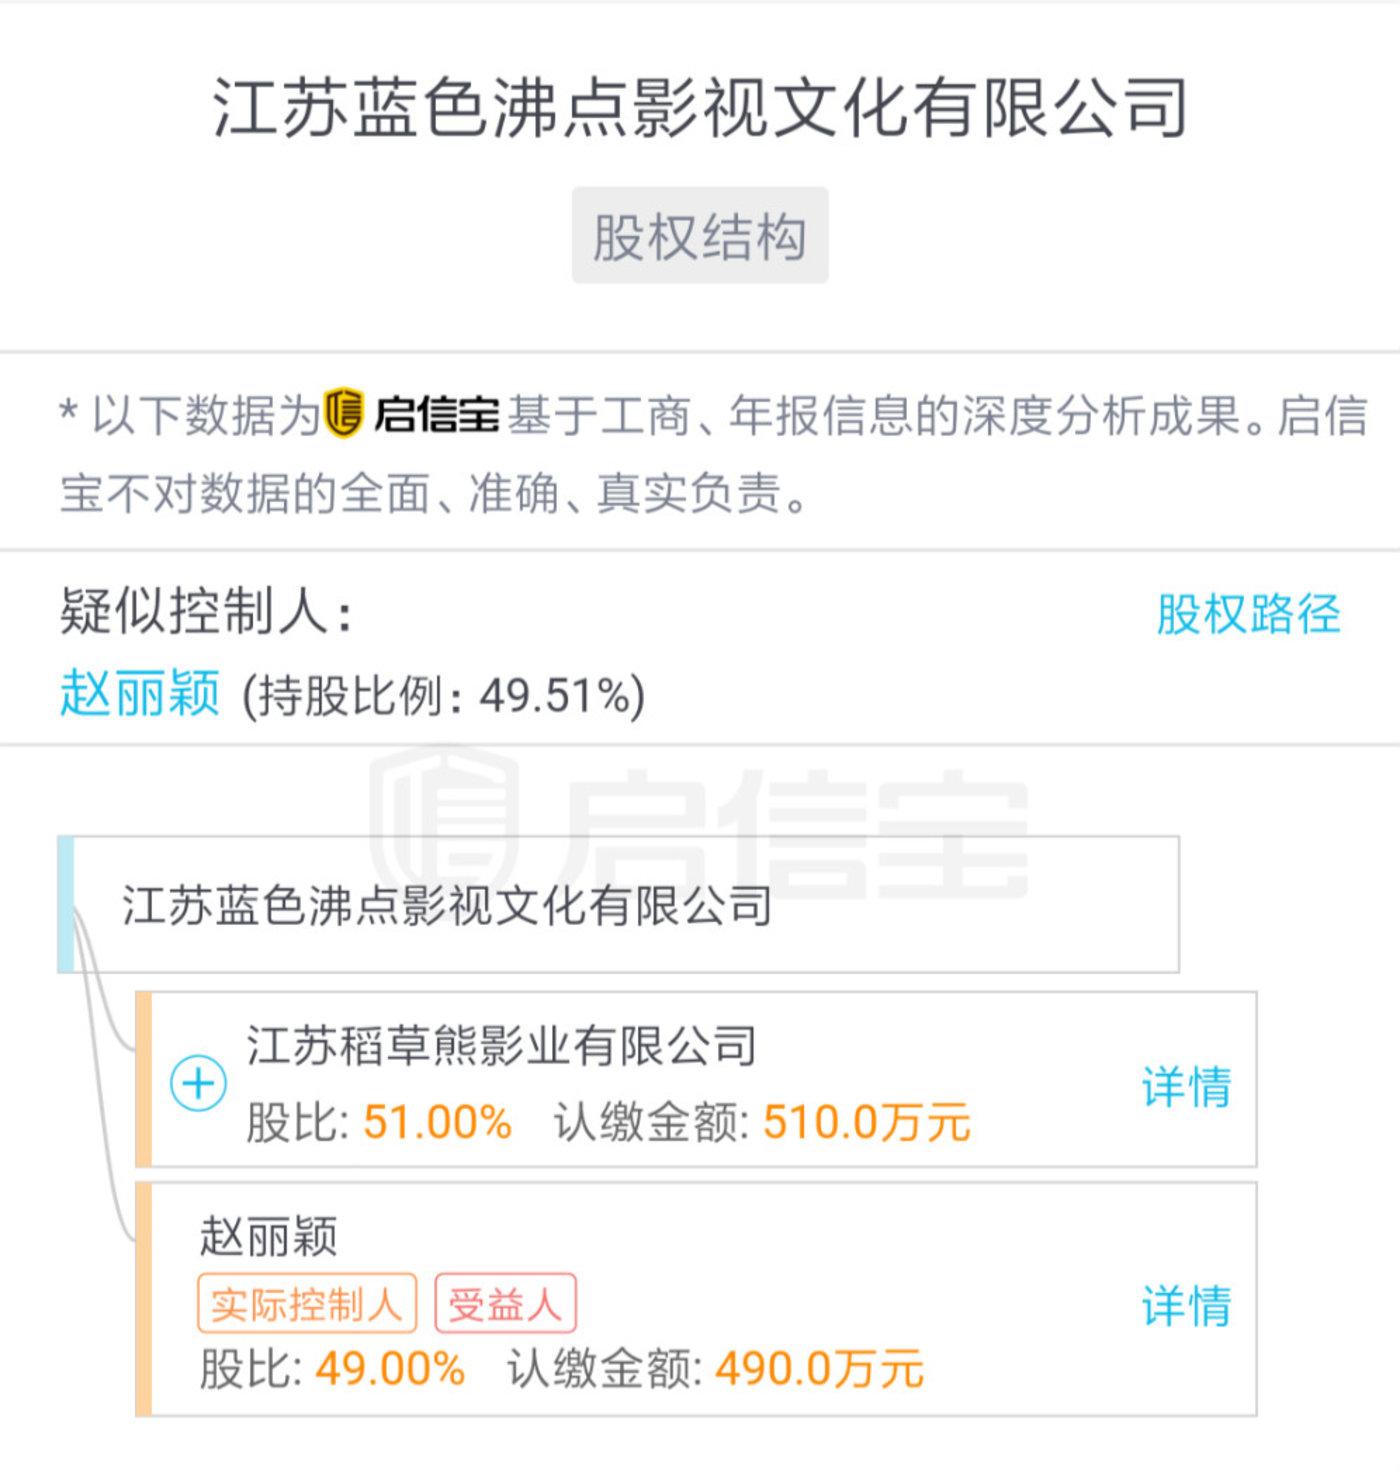 江苏蓝色沸点影视股权结构(来源启信宝)